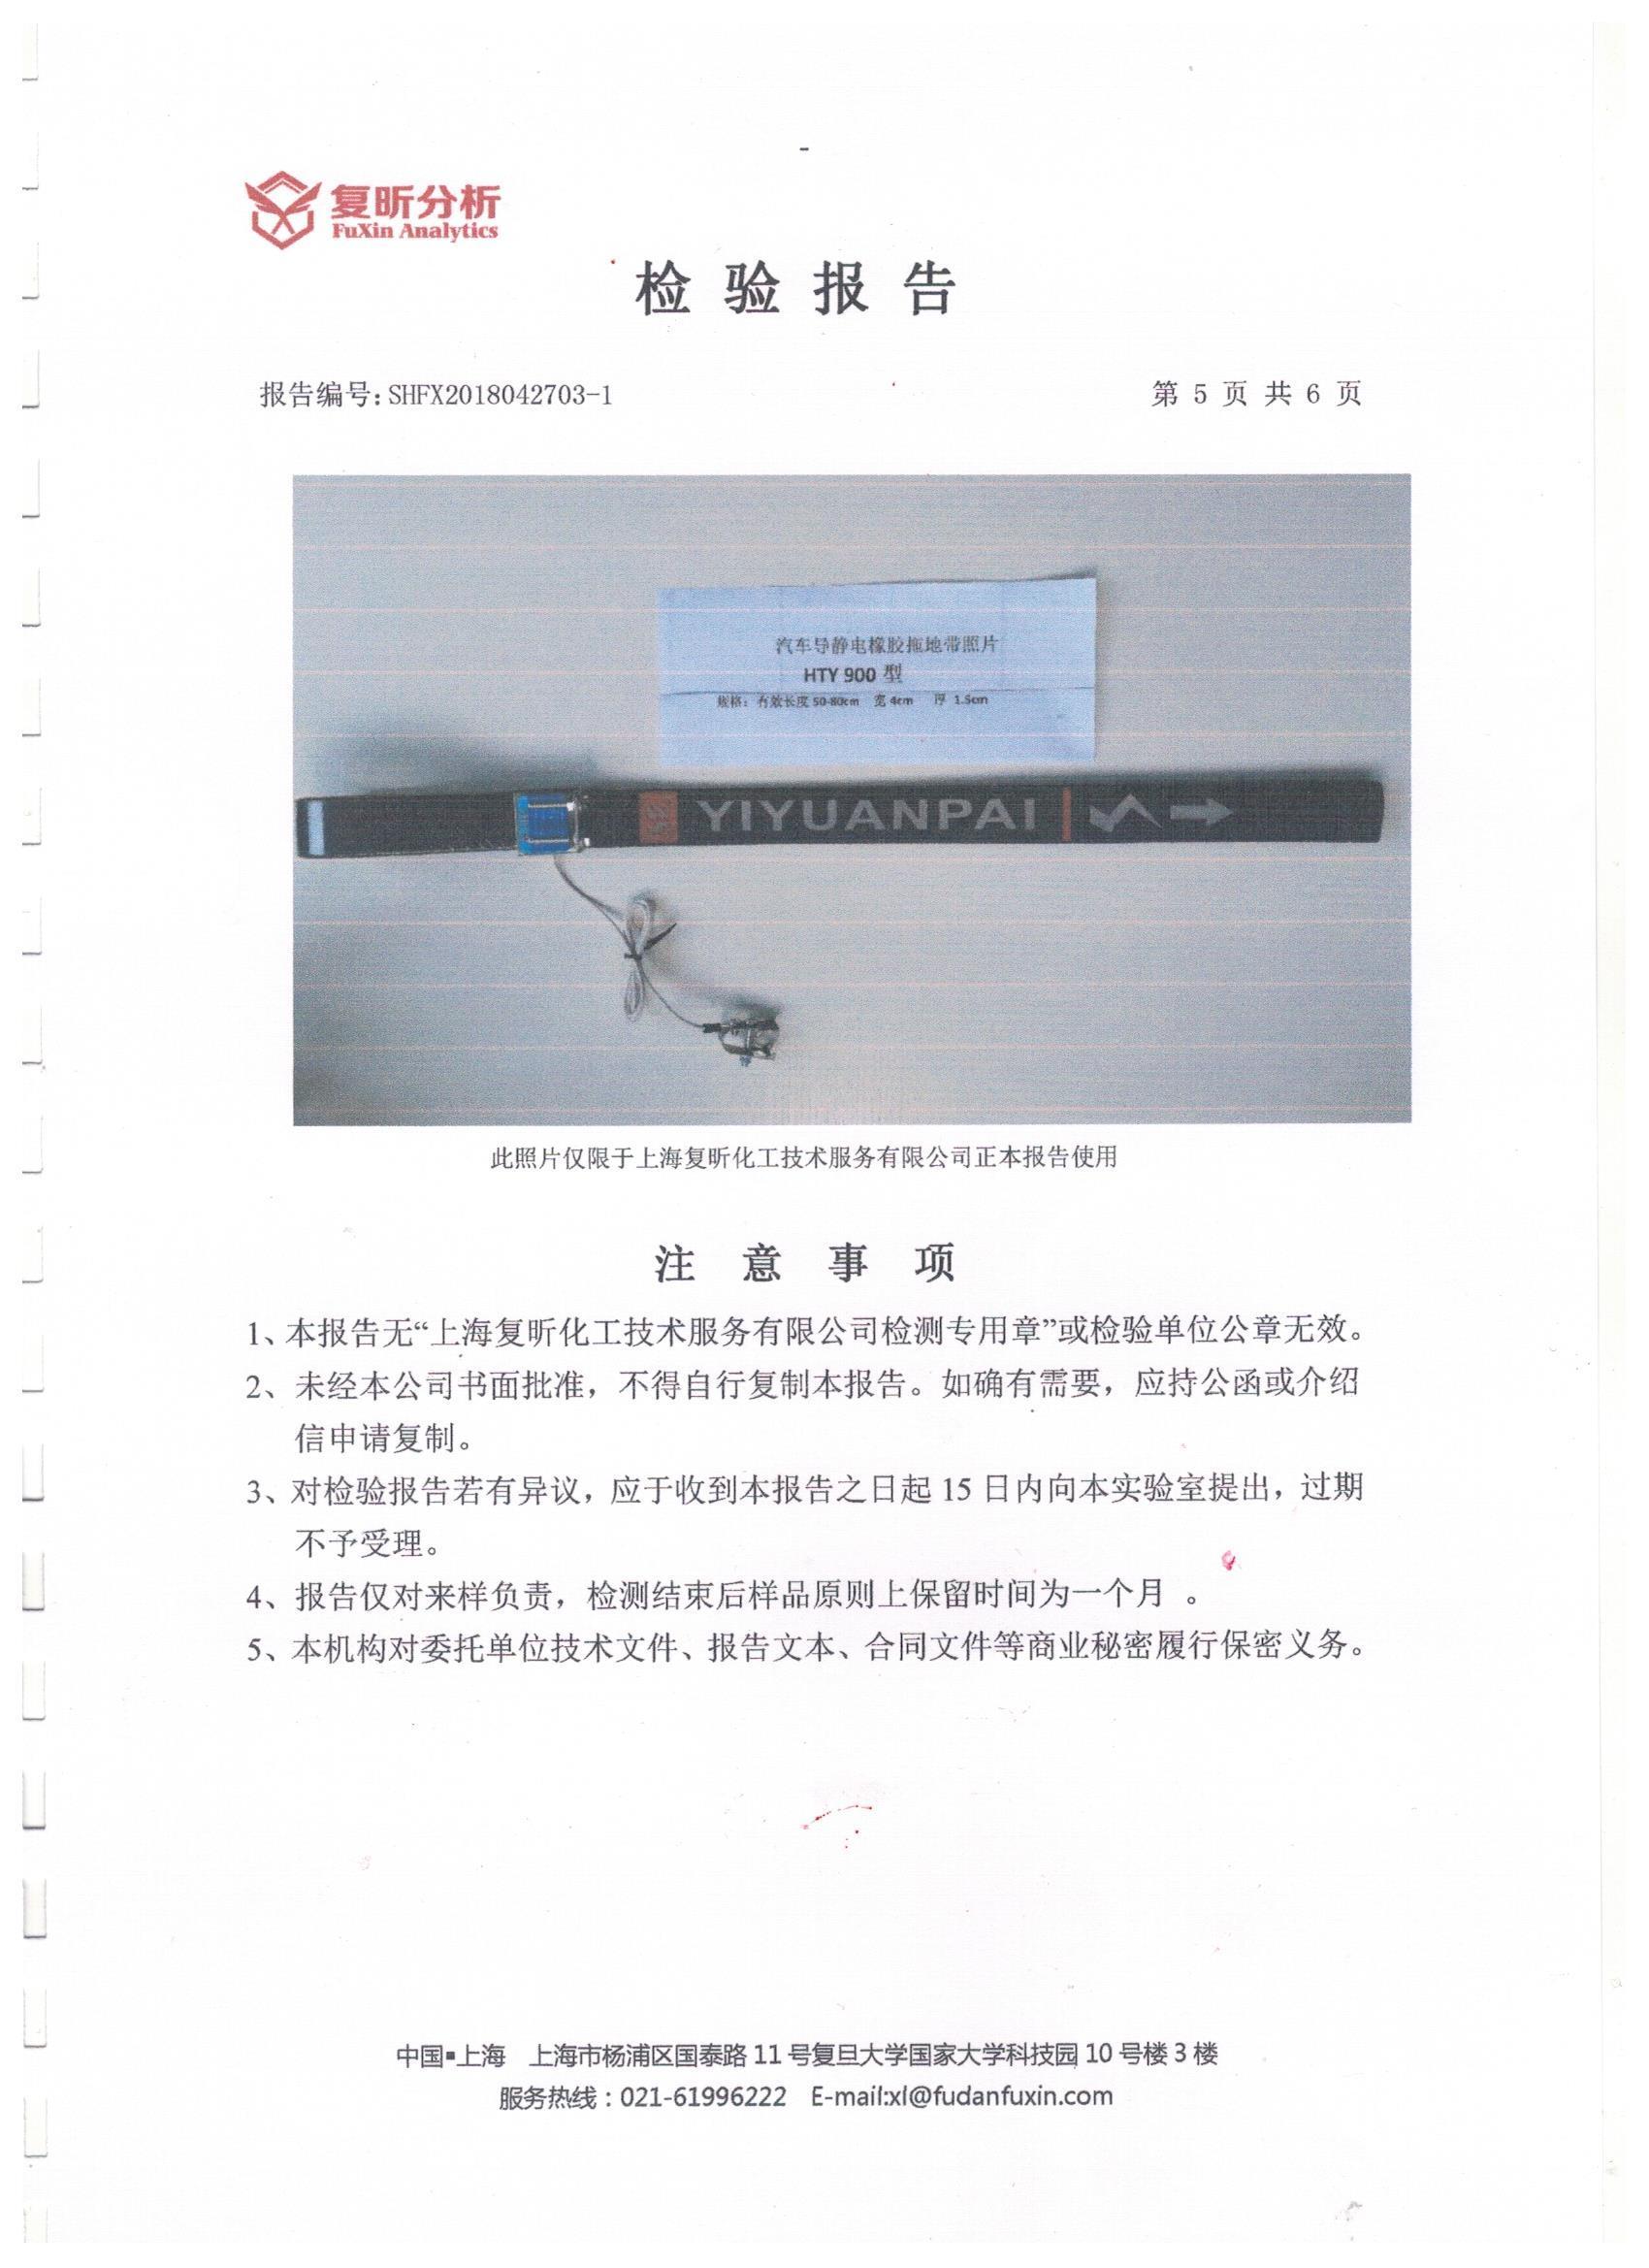 2018年HTY900型静电拖地带检验报告